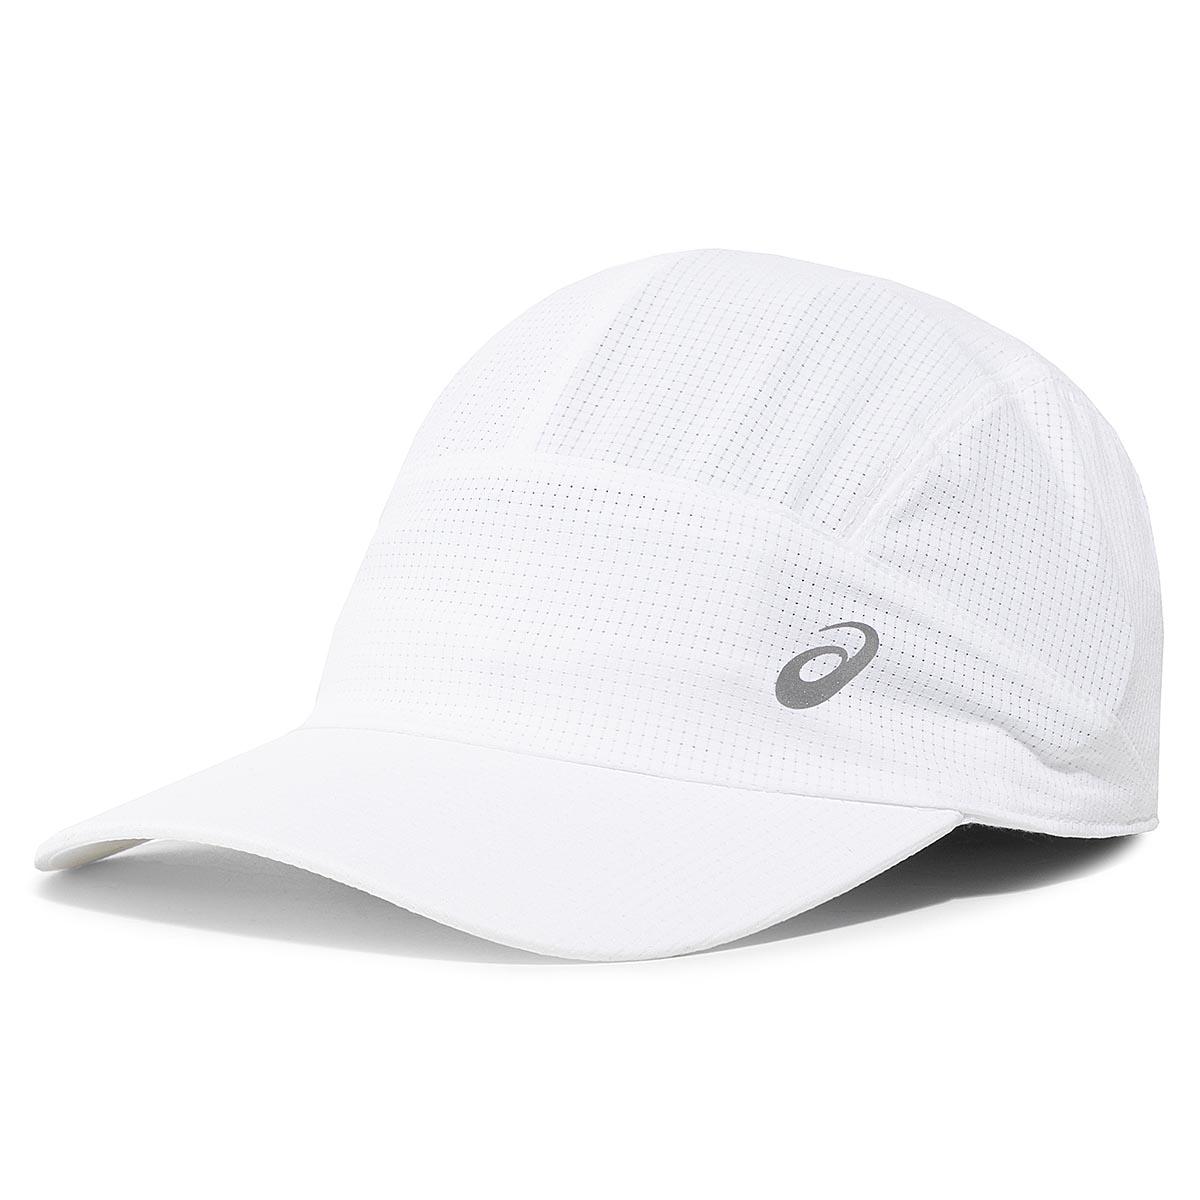 Image of Cap ASICS - Lightweight Running Cap 3013A150 Brilliant White 113